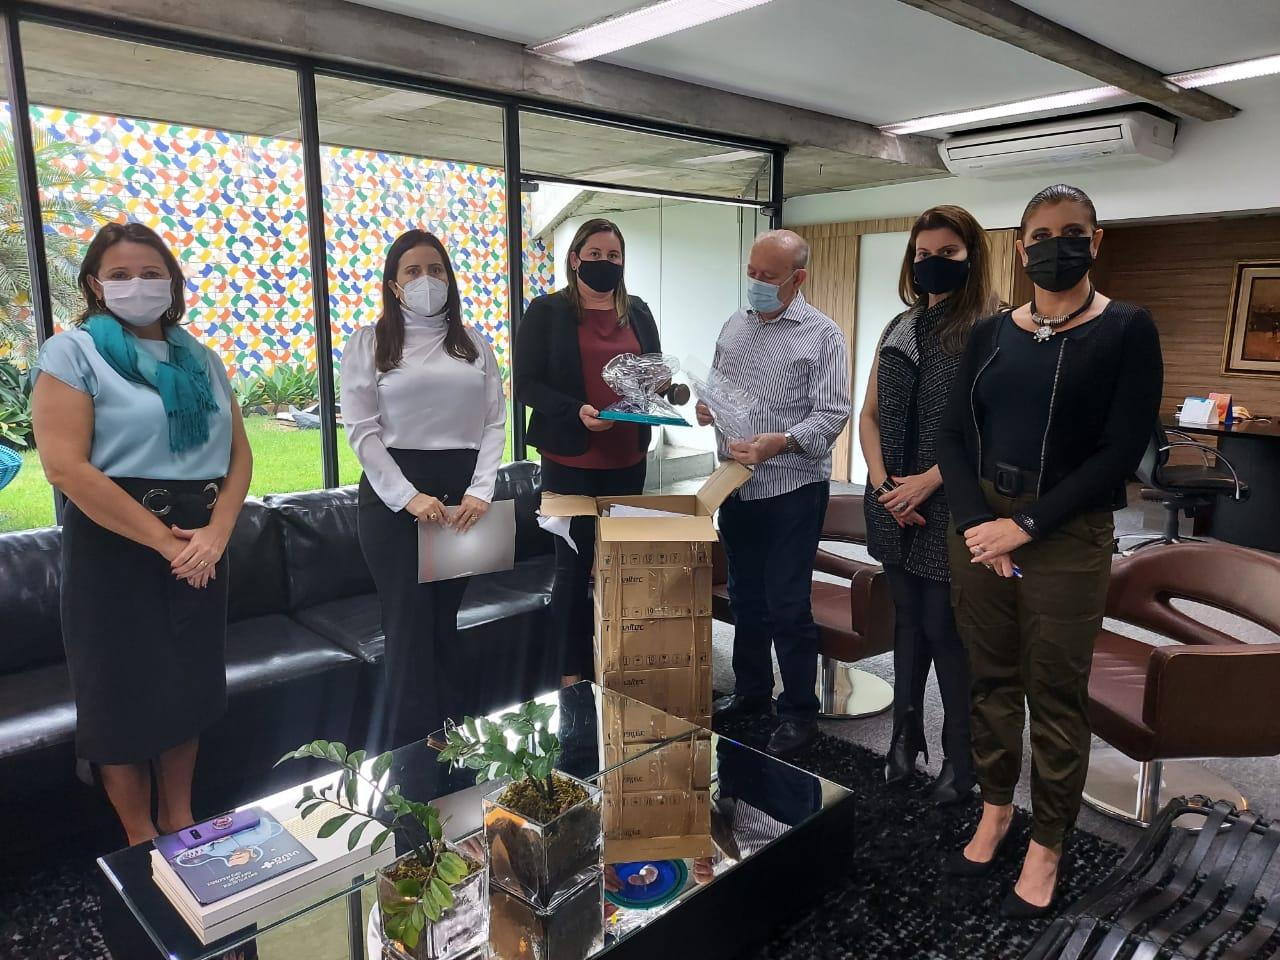 Monteiro-recebe-capacetes-para-terapia-em-pacientes-com-sindrome-respiratoria-1 Monteiro recebe capacetes para terapia em pacientes com síndrome respiratória